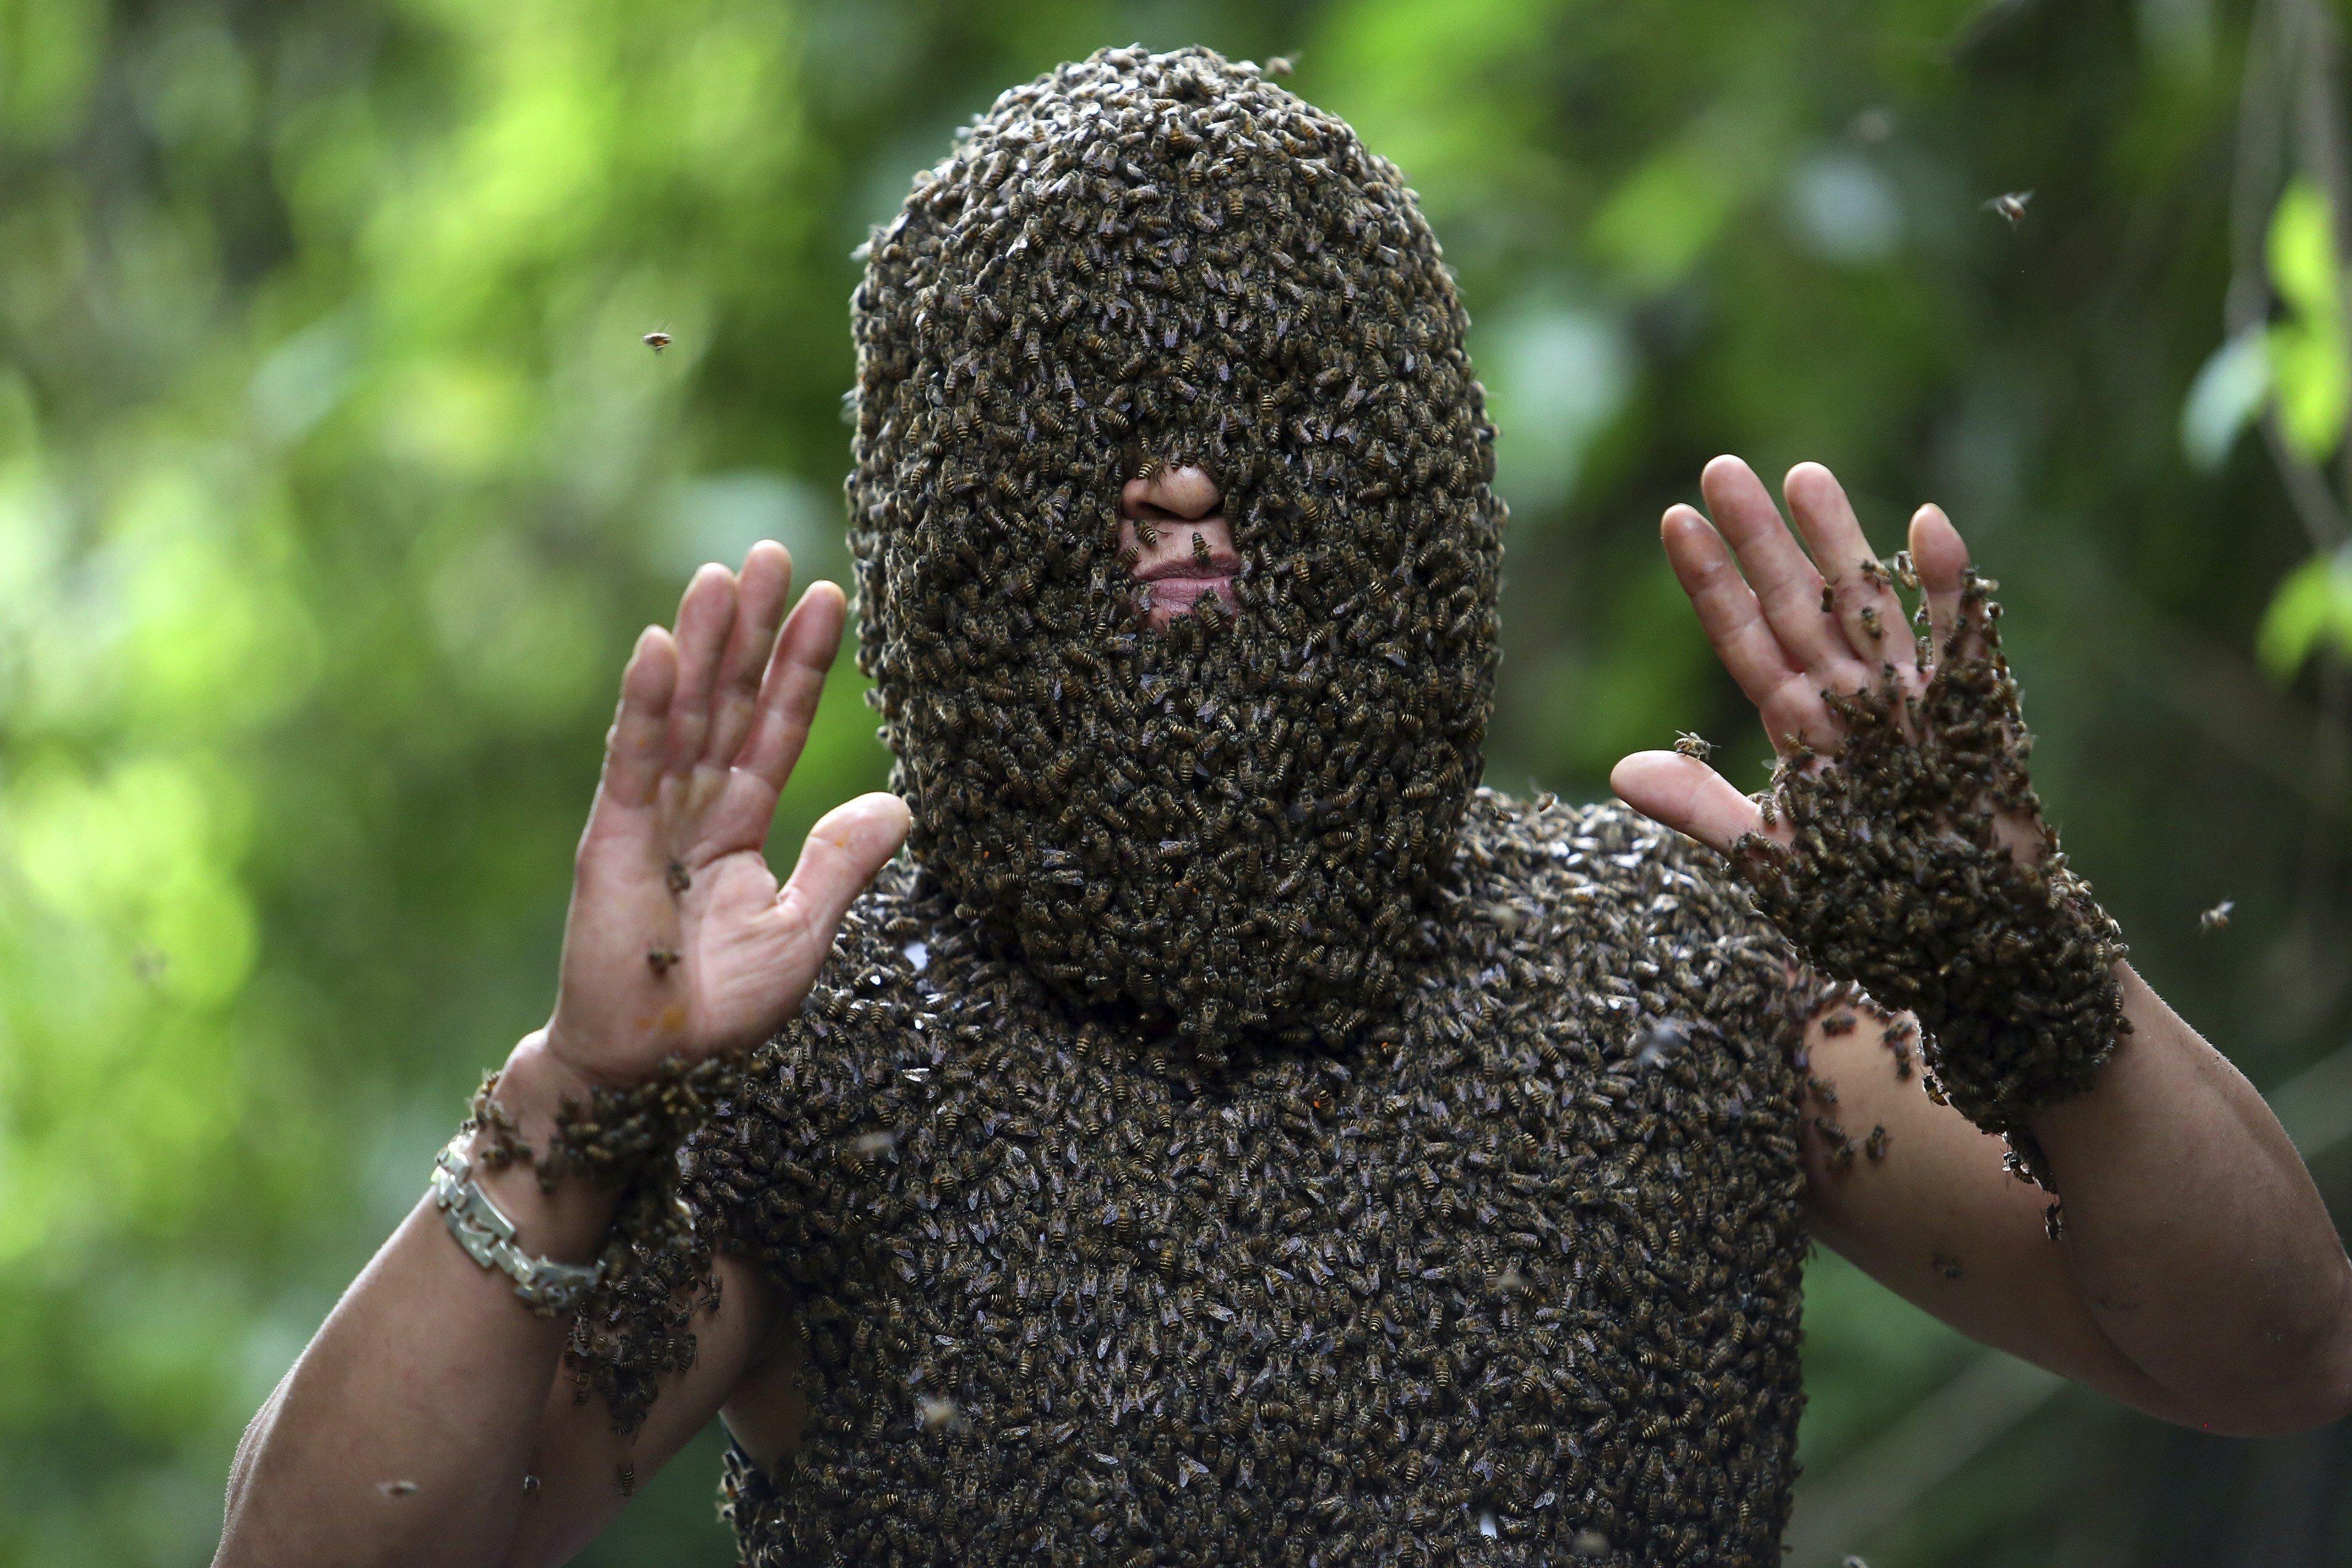 El cuidador d'abelles Bui Duy Nhat posa amb el tors i la cara coberts d'abelles en la comuna de Nua Ngam, a Dien Ben (Vietnam). /PHAM NGOC THANH